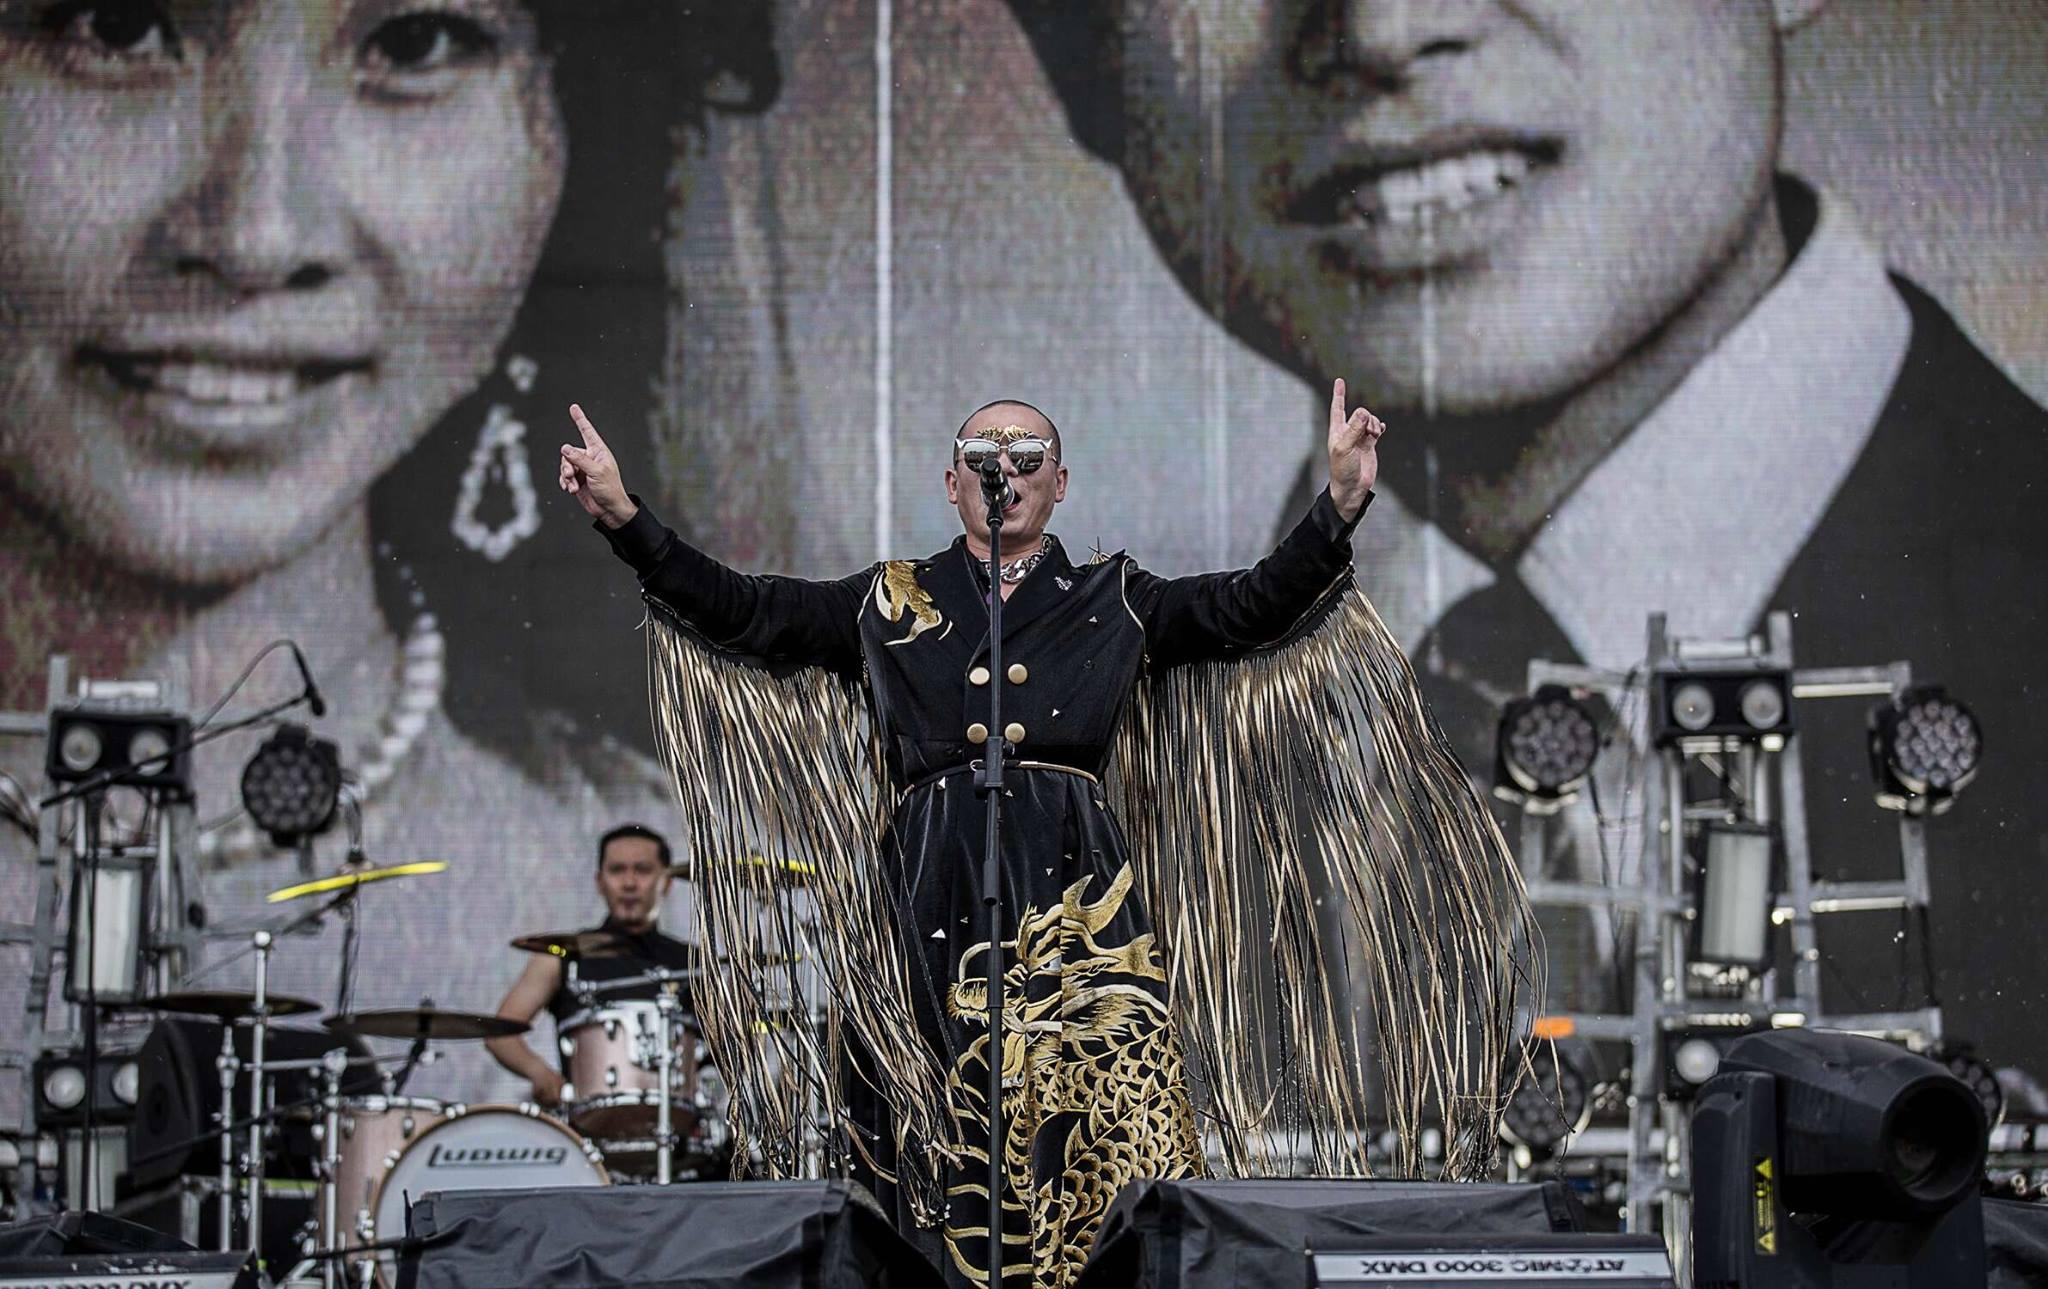 參演 2016 草莓音樂節的二手玫瑰依舊生猛;主唱梁龍身上的服飾由北京服裝設計師 Iris Wang 設計,不改騷包冶豔。(via 樂團服裝設計師 Iris Wang)